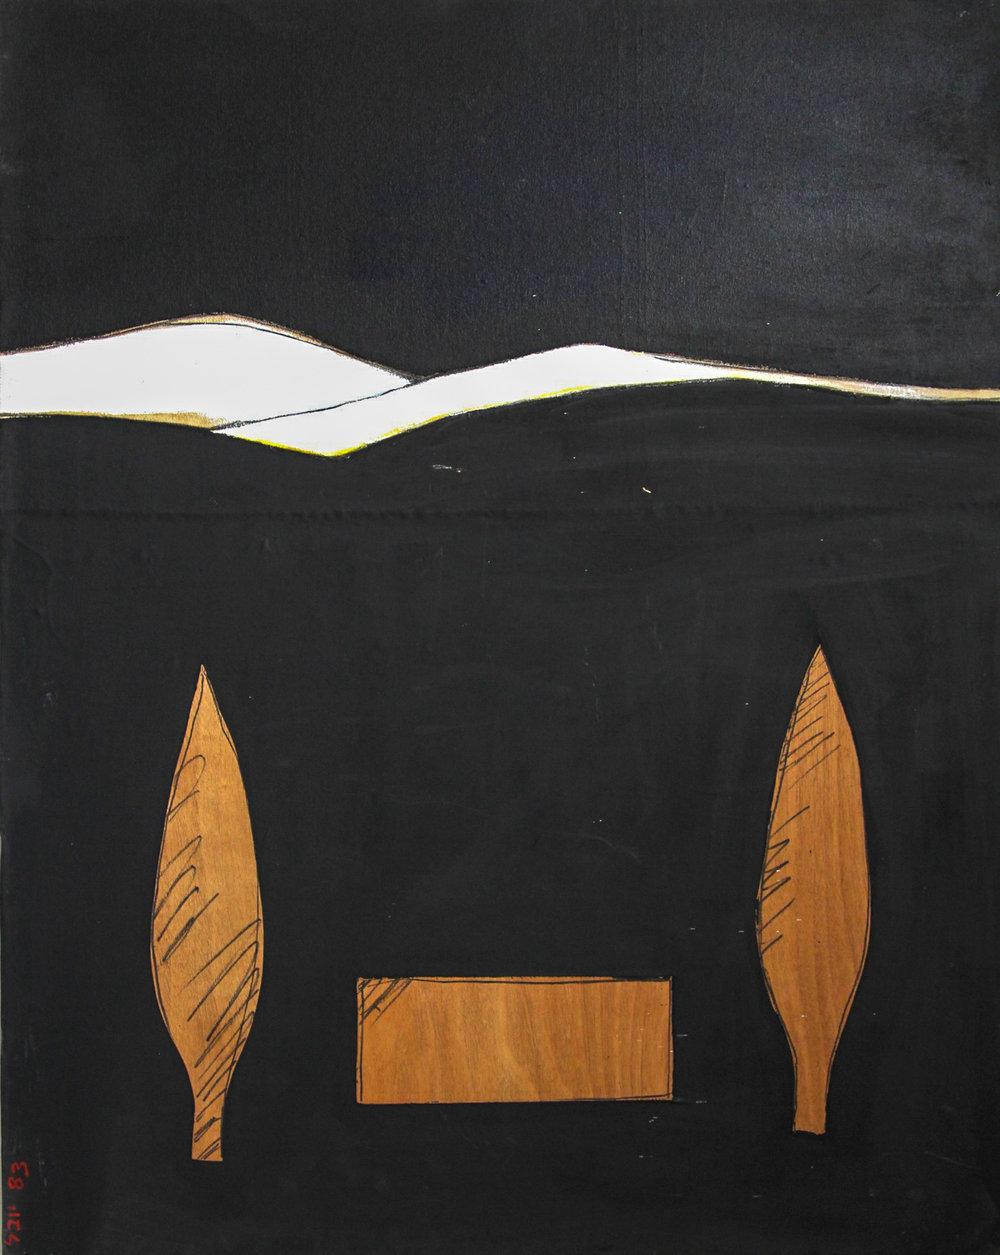 יובל דניאלי, אופק לבן, אקריליק על בד ודיקט, 1983 | קרדיט צלם: תמי סואץ